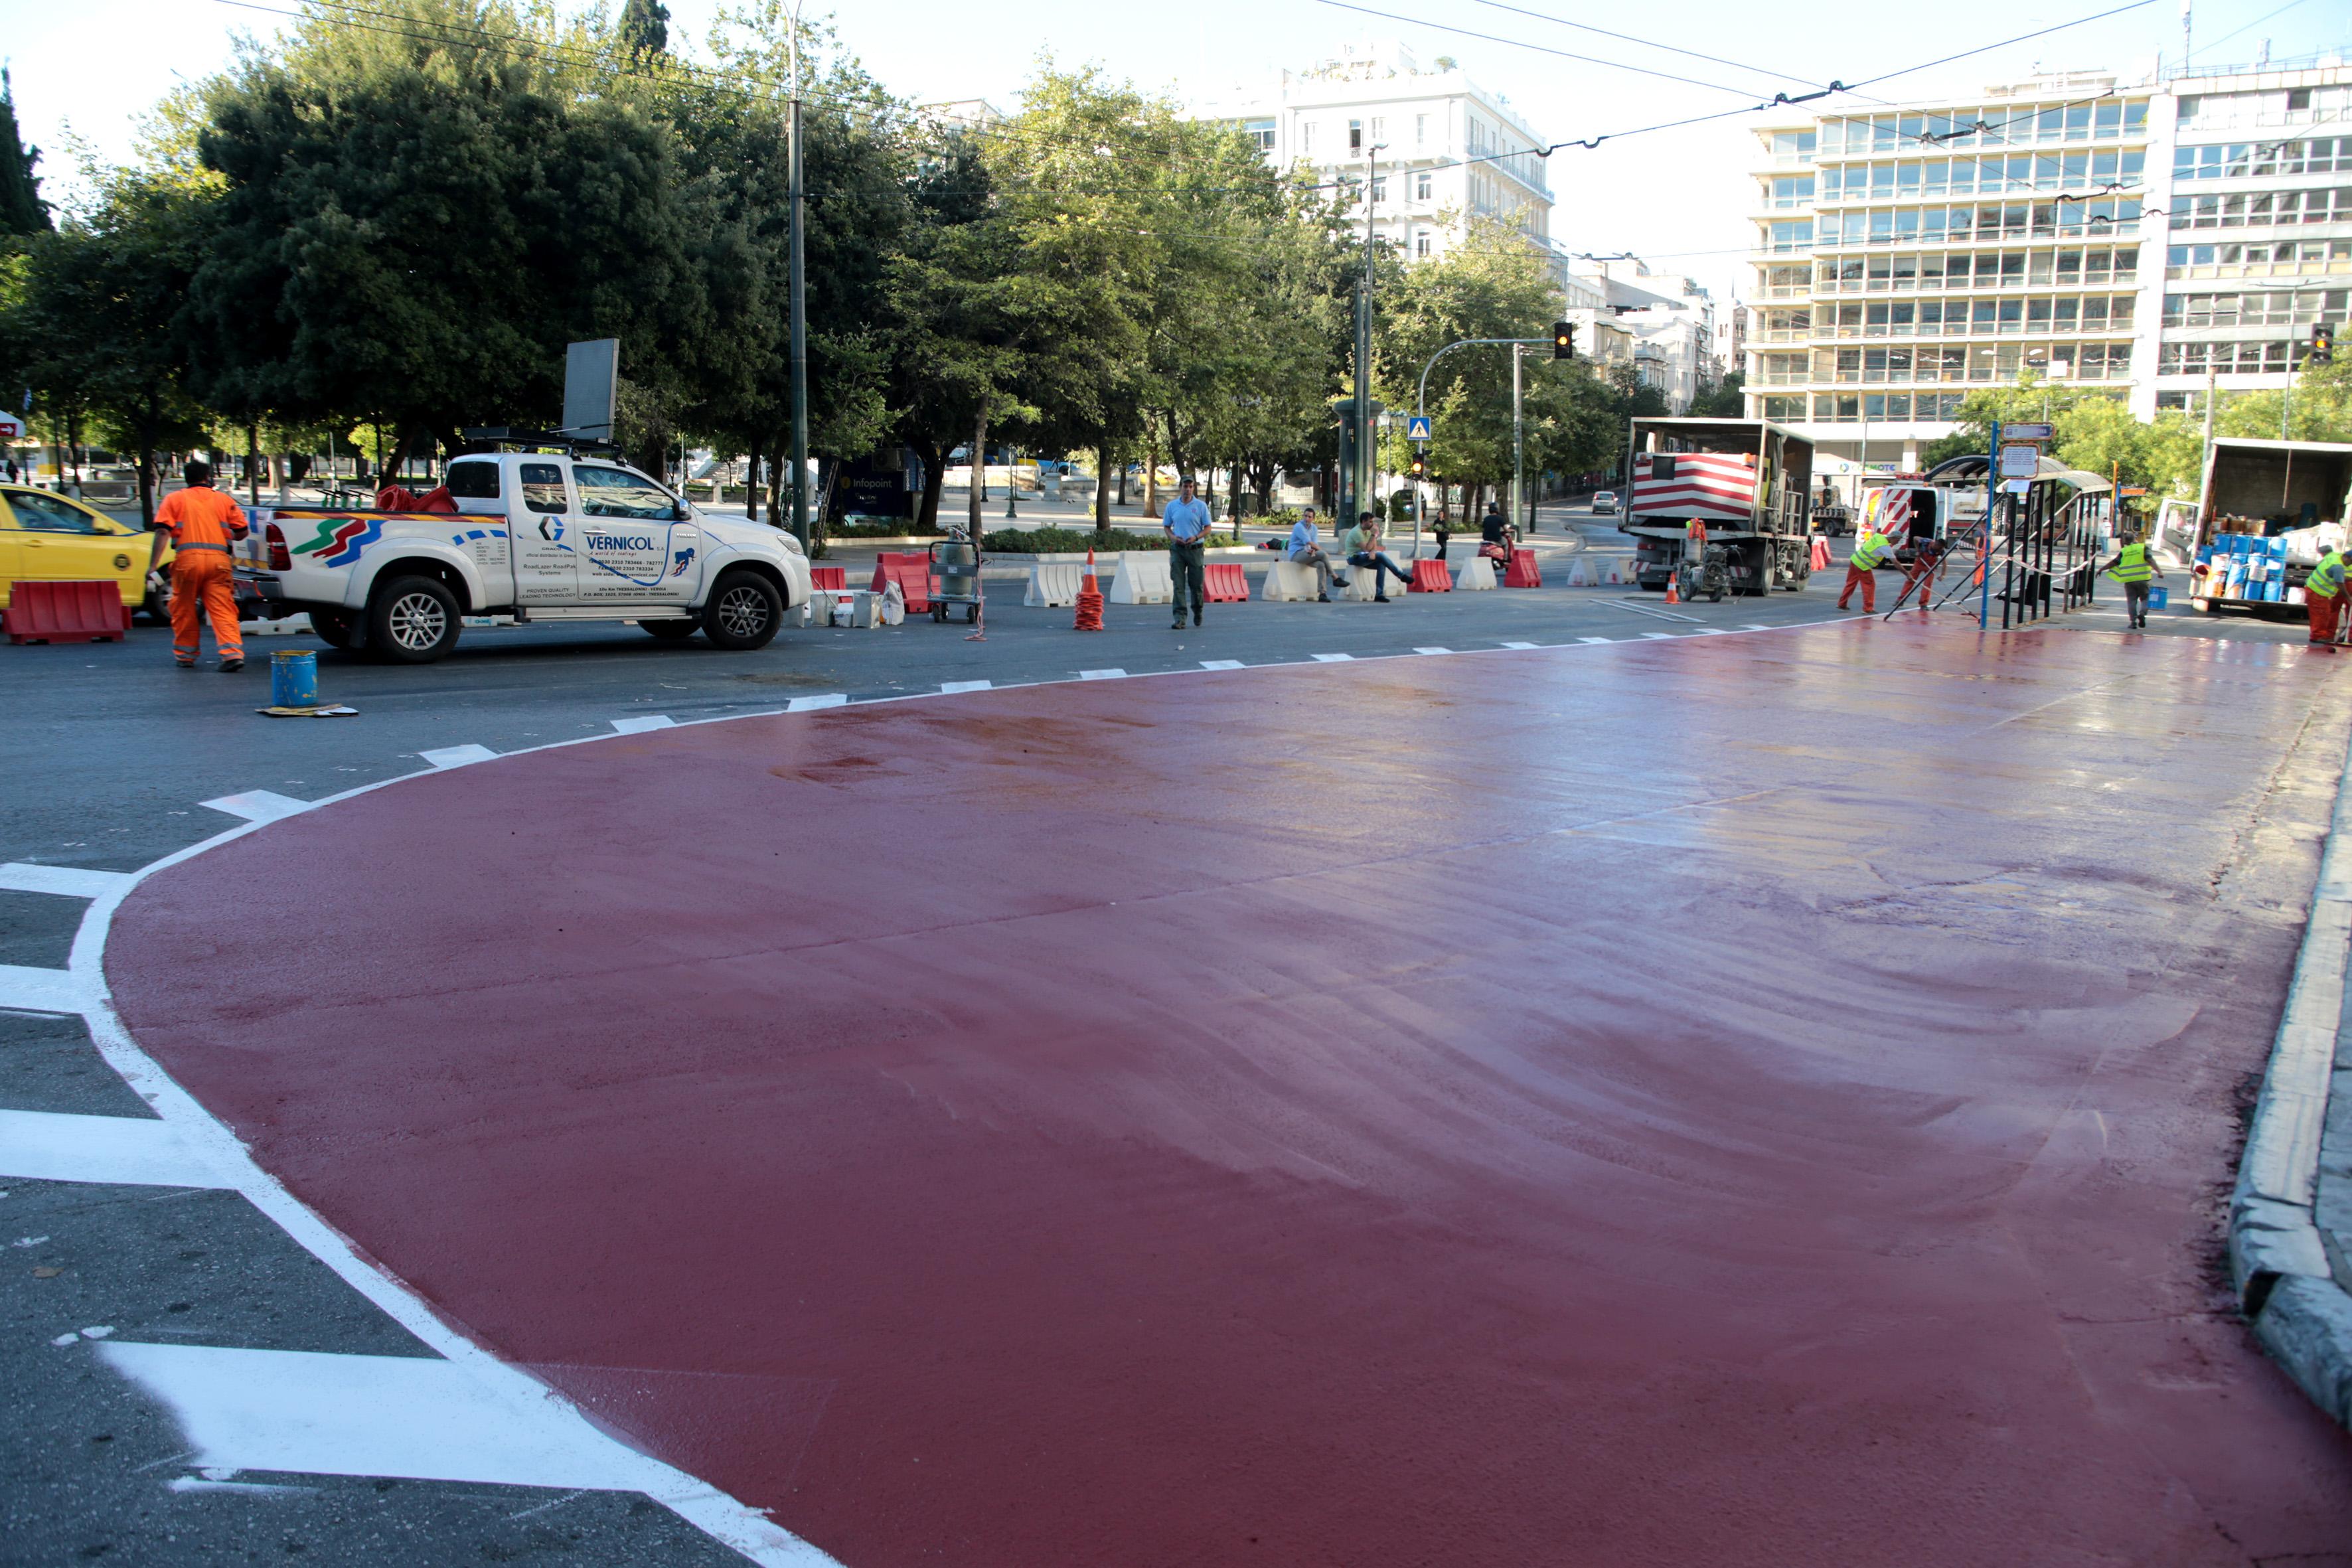 entatikes-ergasies-sto-syntagma-gia-ton-megalo-peripato1